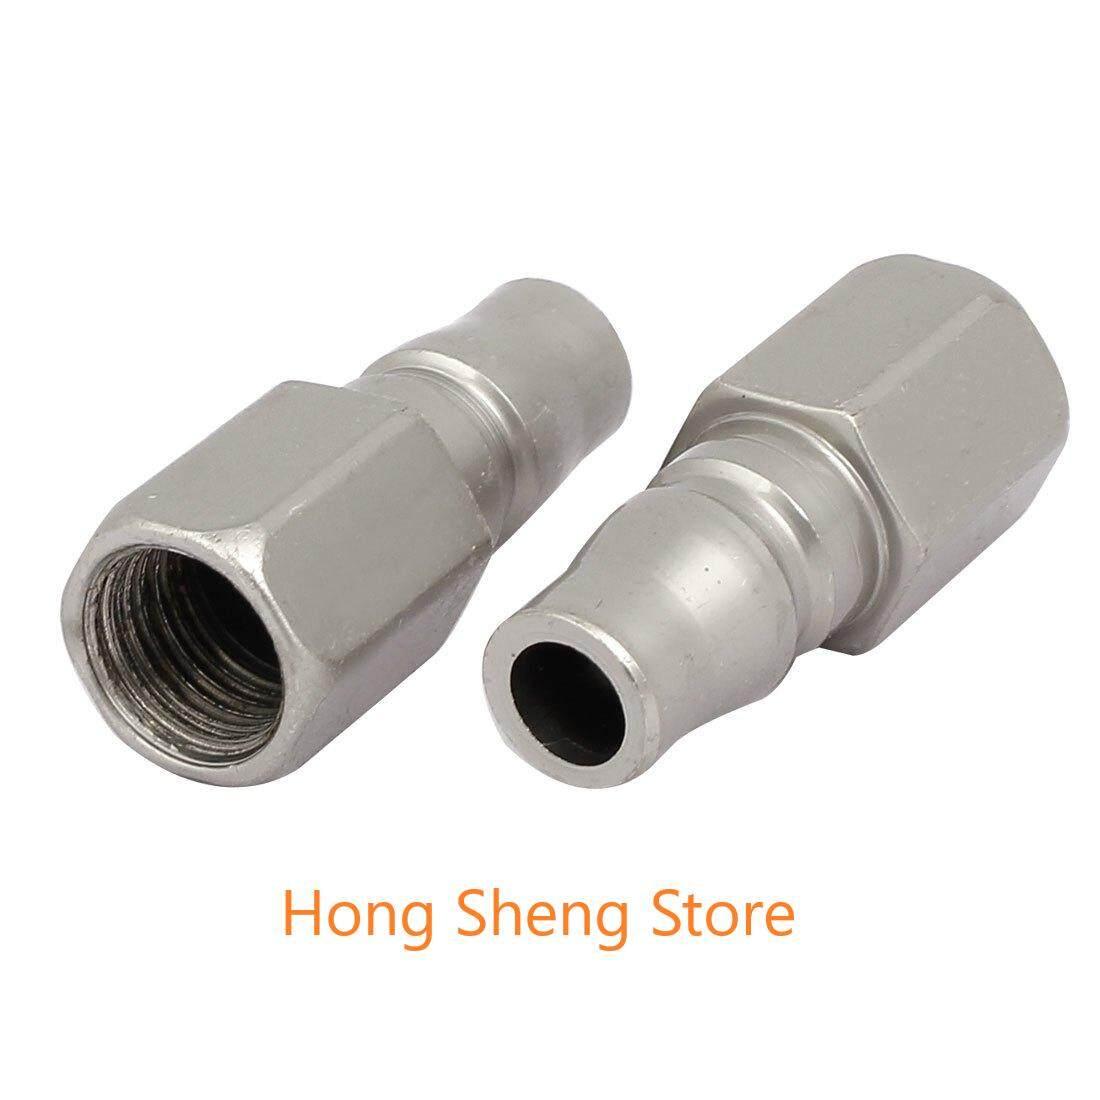 PF20 1/4 Pneumatic Air Compressor Hose Quick Coupler Plug Fitting